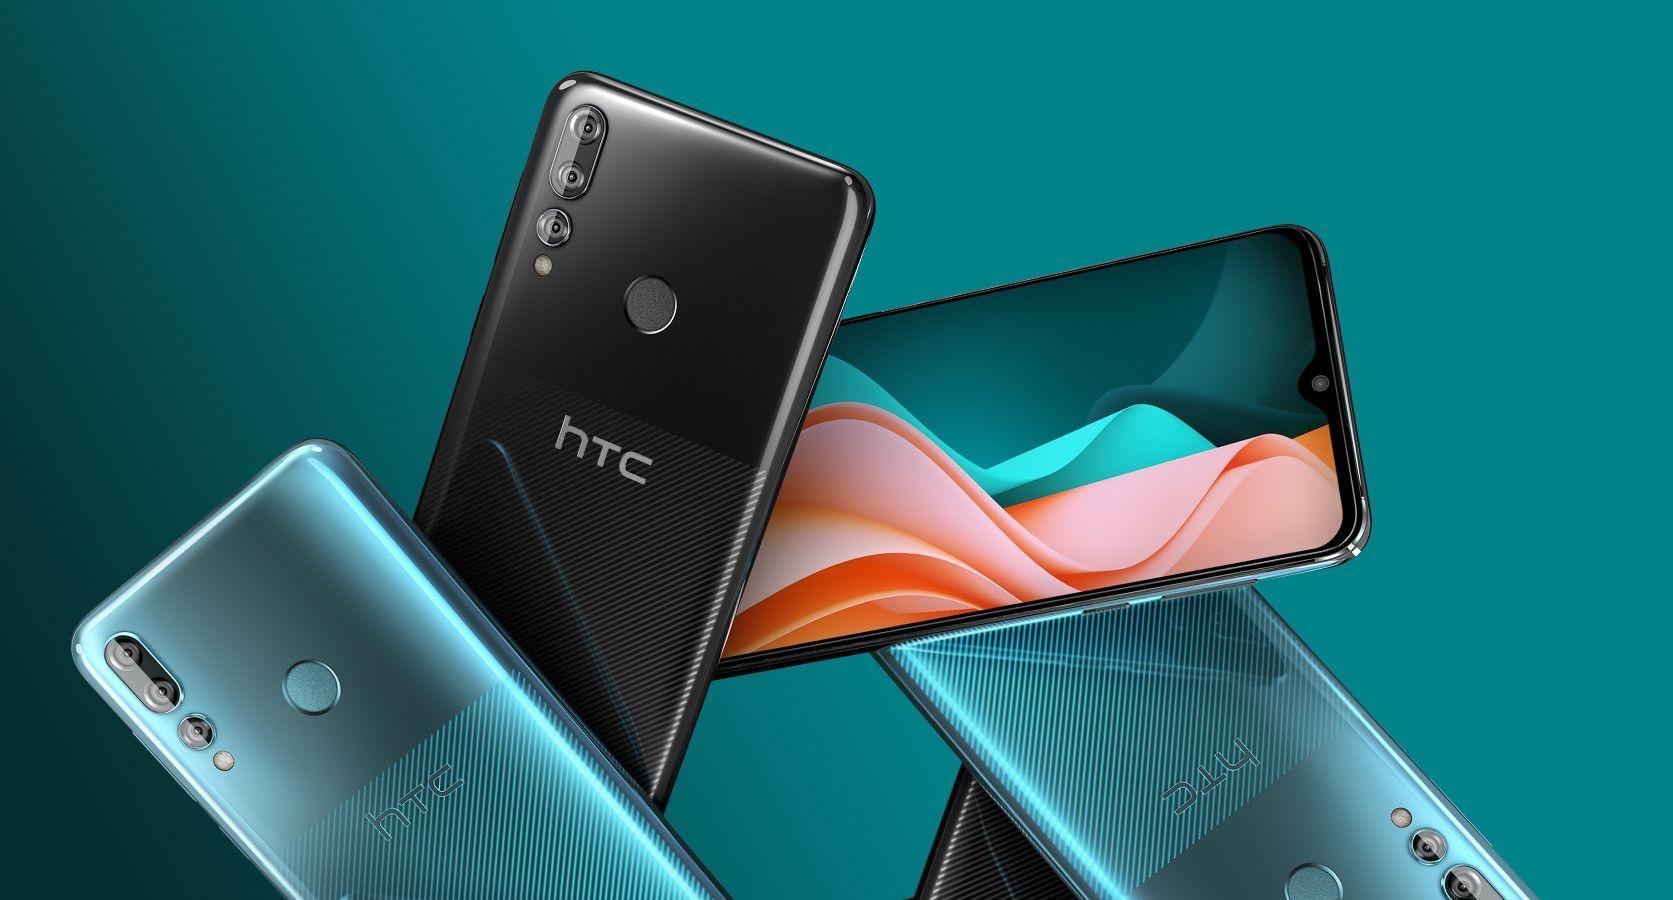 HTC zal nog enkele nieuwe modellen in de Wildfire-serie uitbrengen.